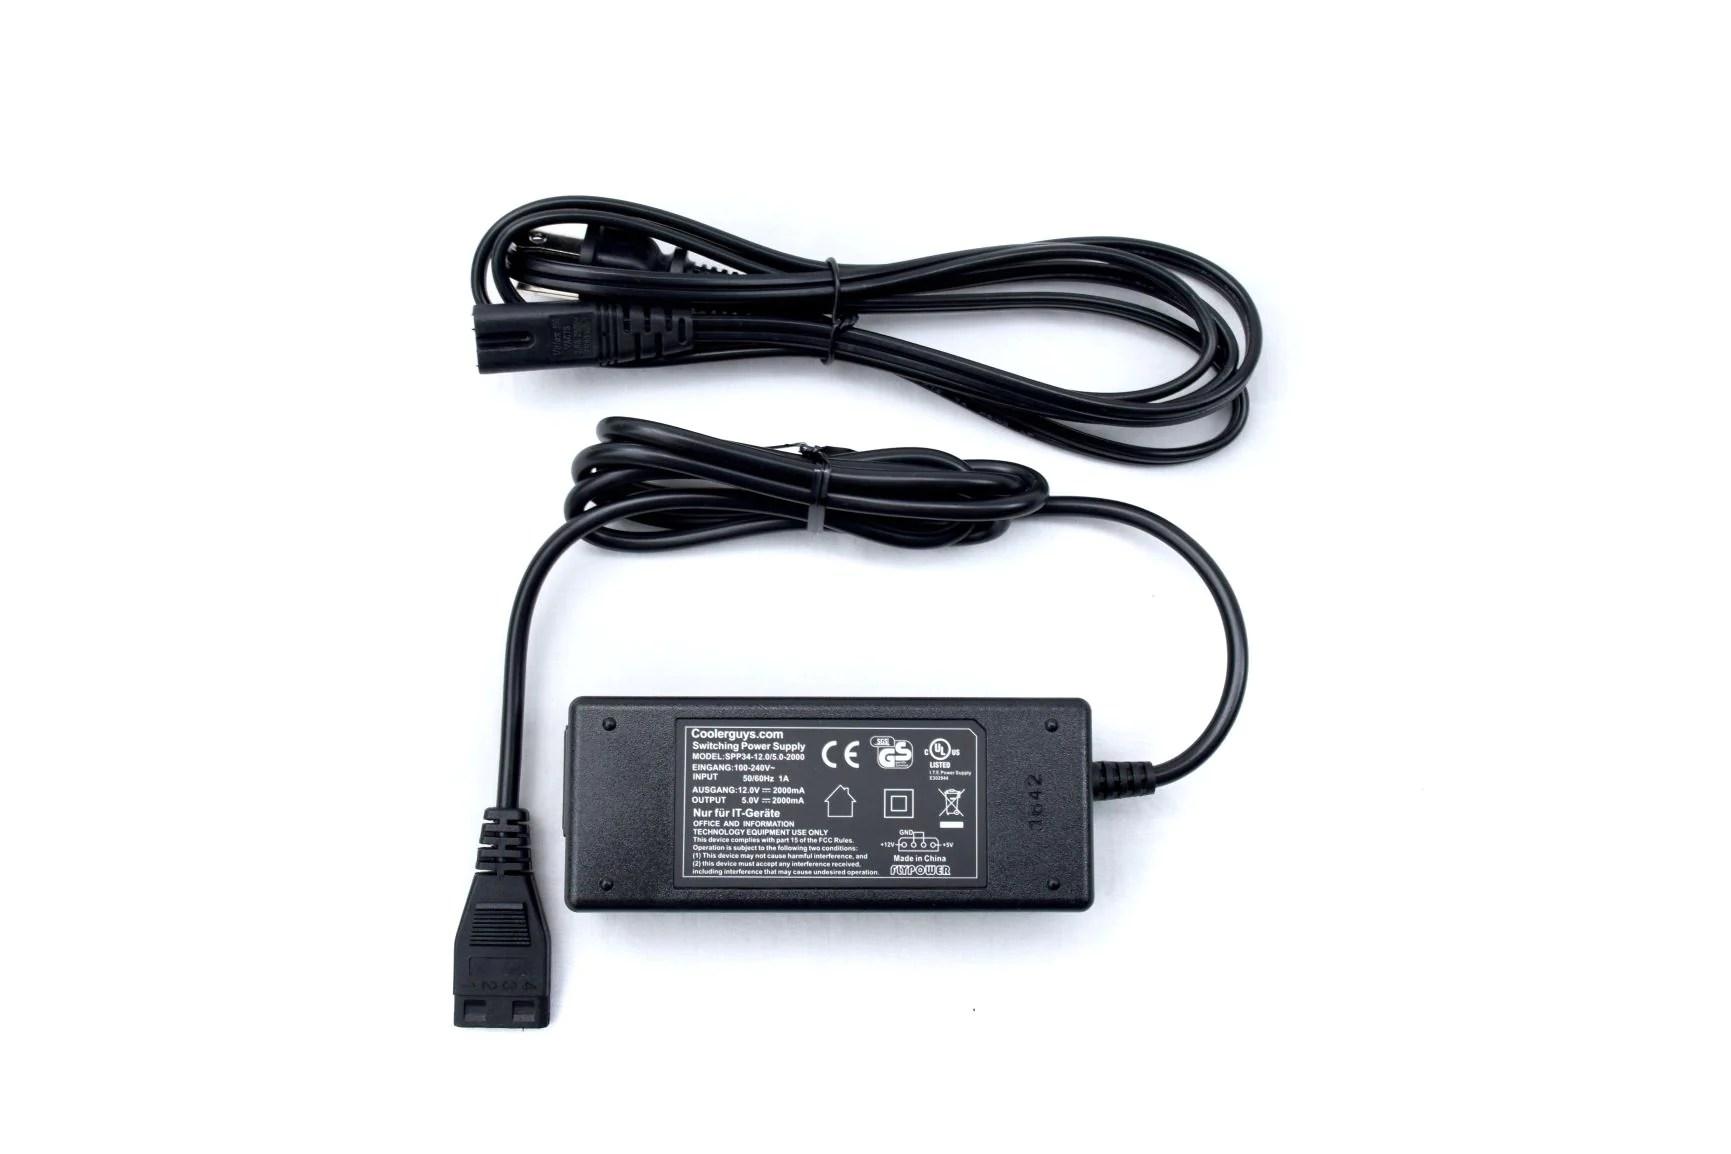 medium resolution of coolerguys 100 240v ac to 12v 5v dc power supply with 4pin molex 2a 2000ma